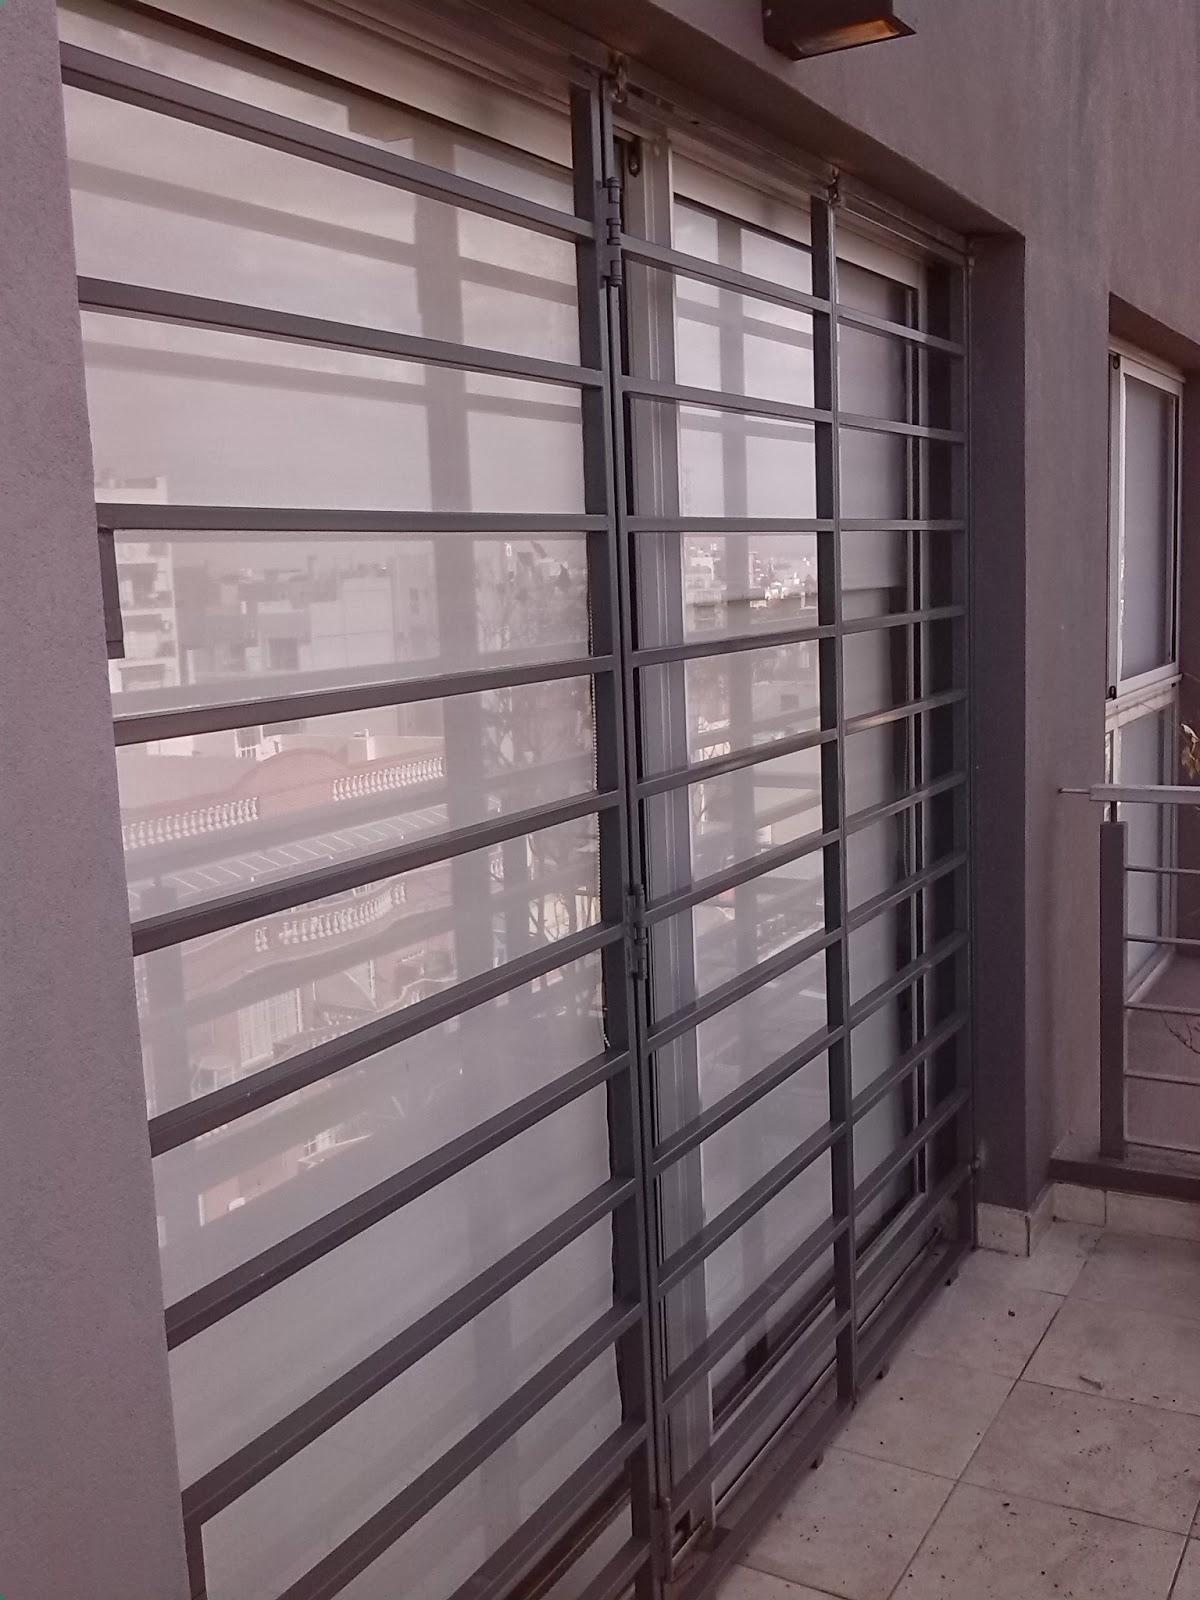 Herreria h c rejas ventana balcon for Ventana balcon medidas